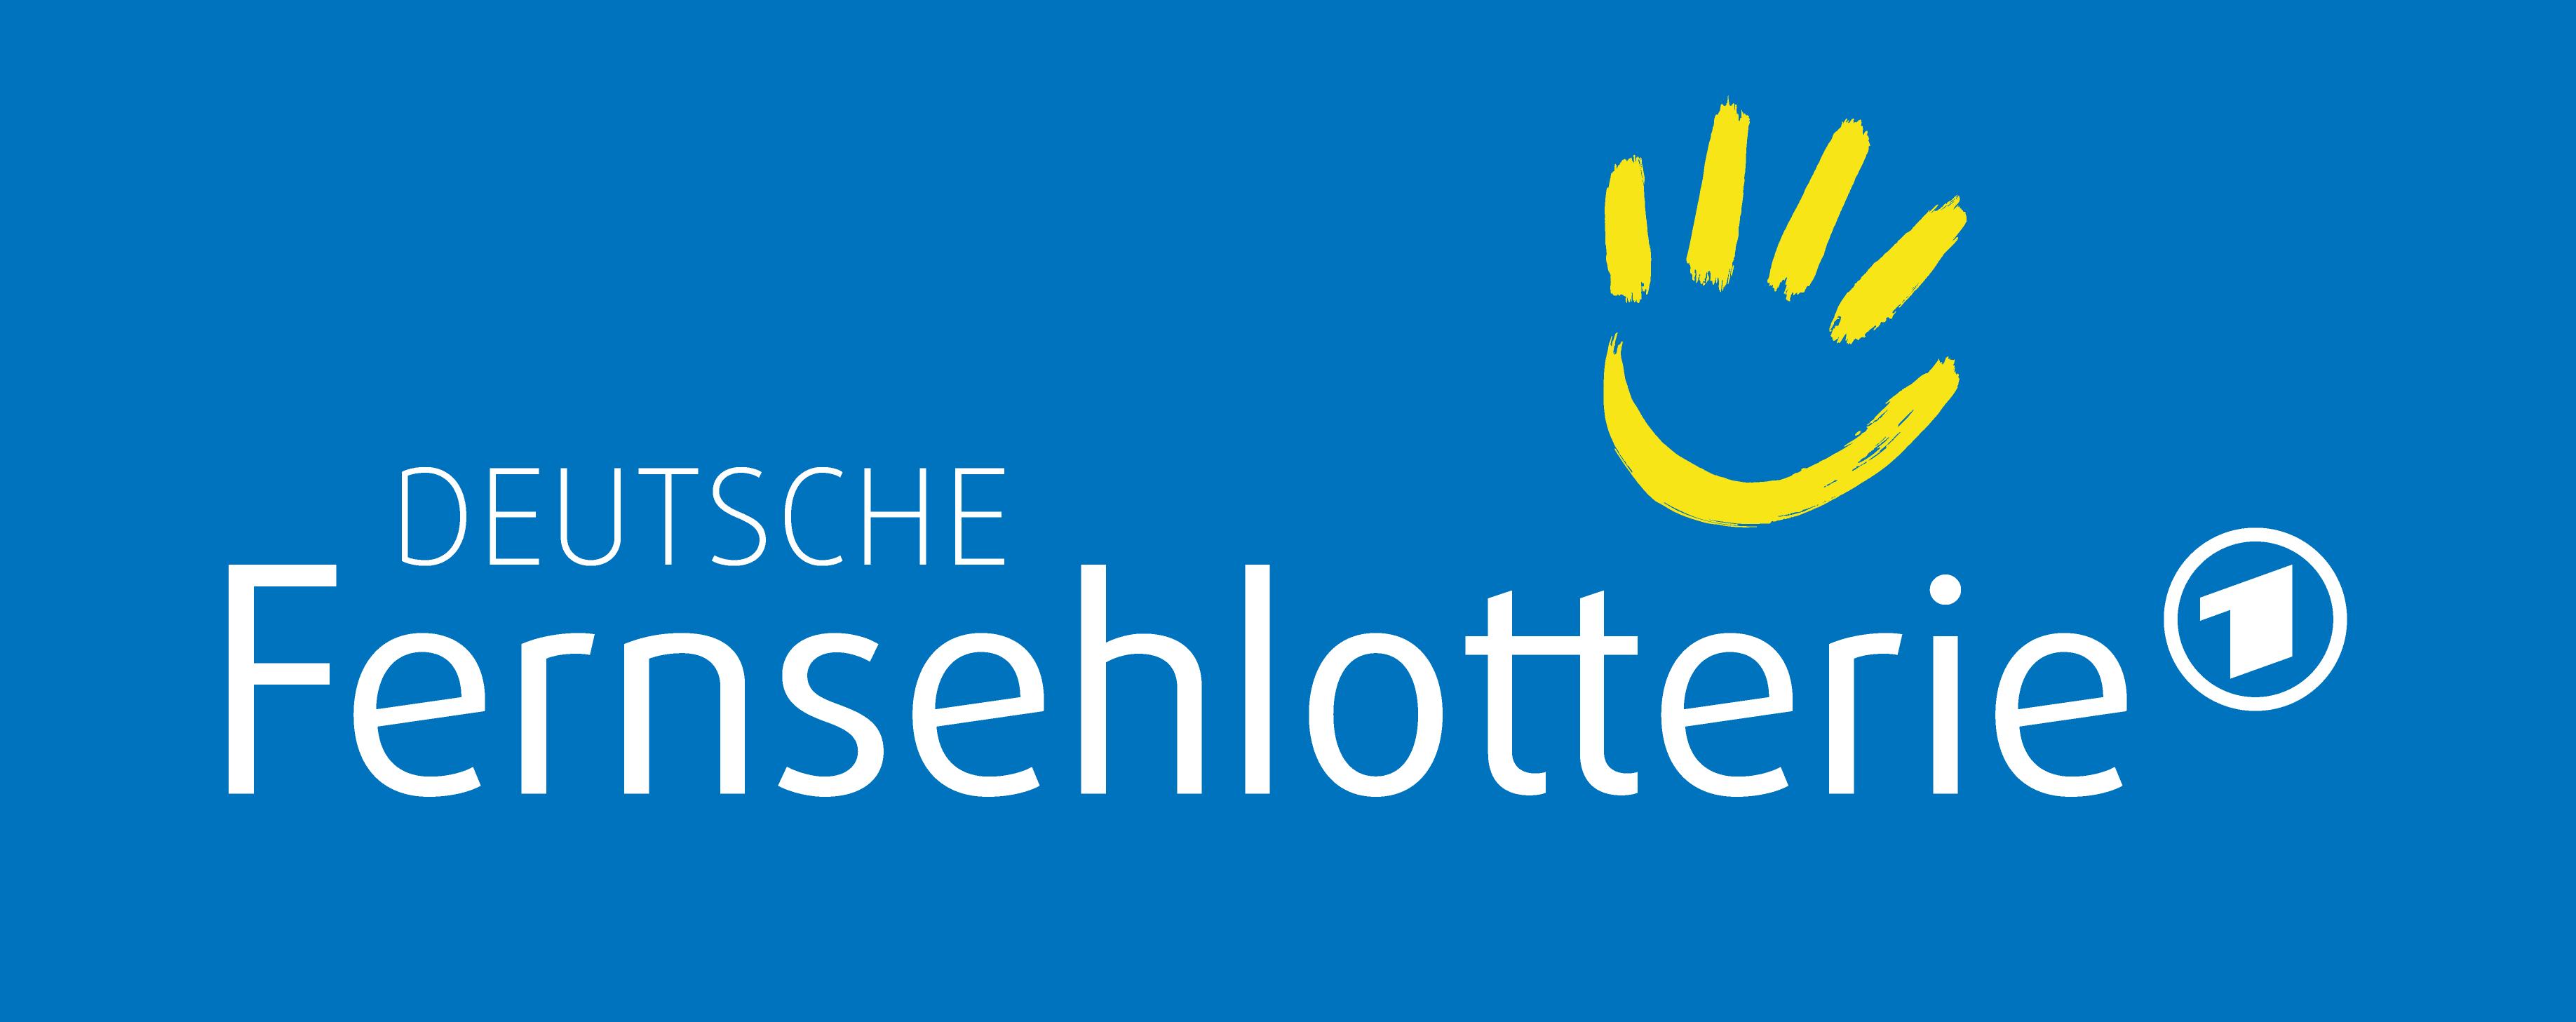 Deutsche Fernsehlotterie Logo mit Link zu der Seite